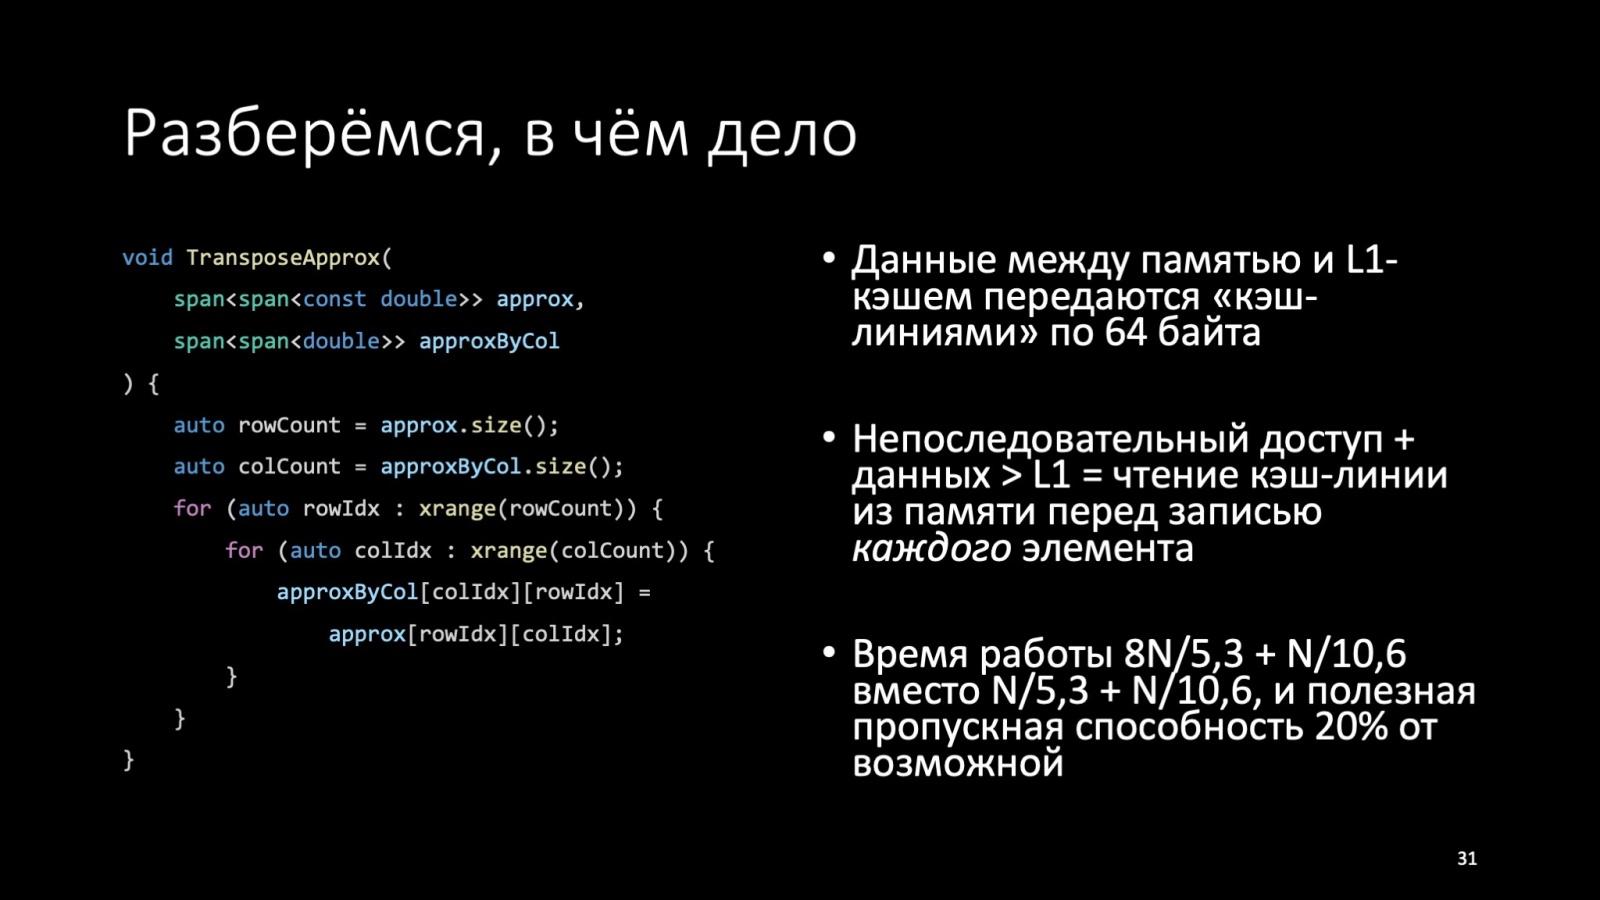 Оптимизация C++: совмещаем скорость и высокий уровень. Доклад Яндекса - 32